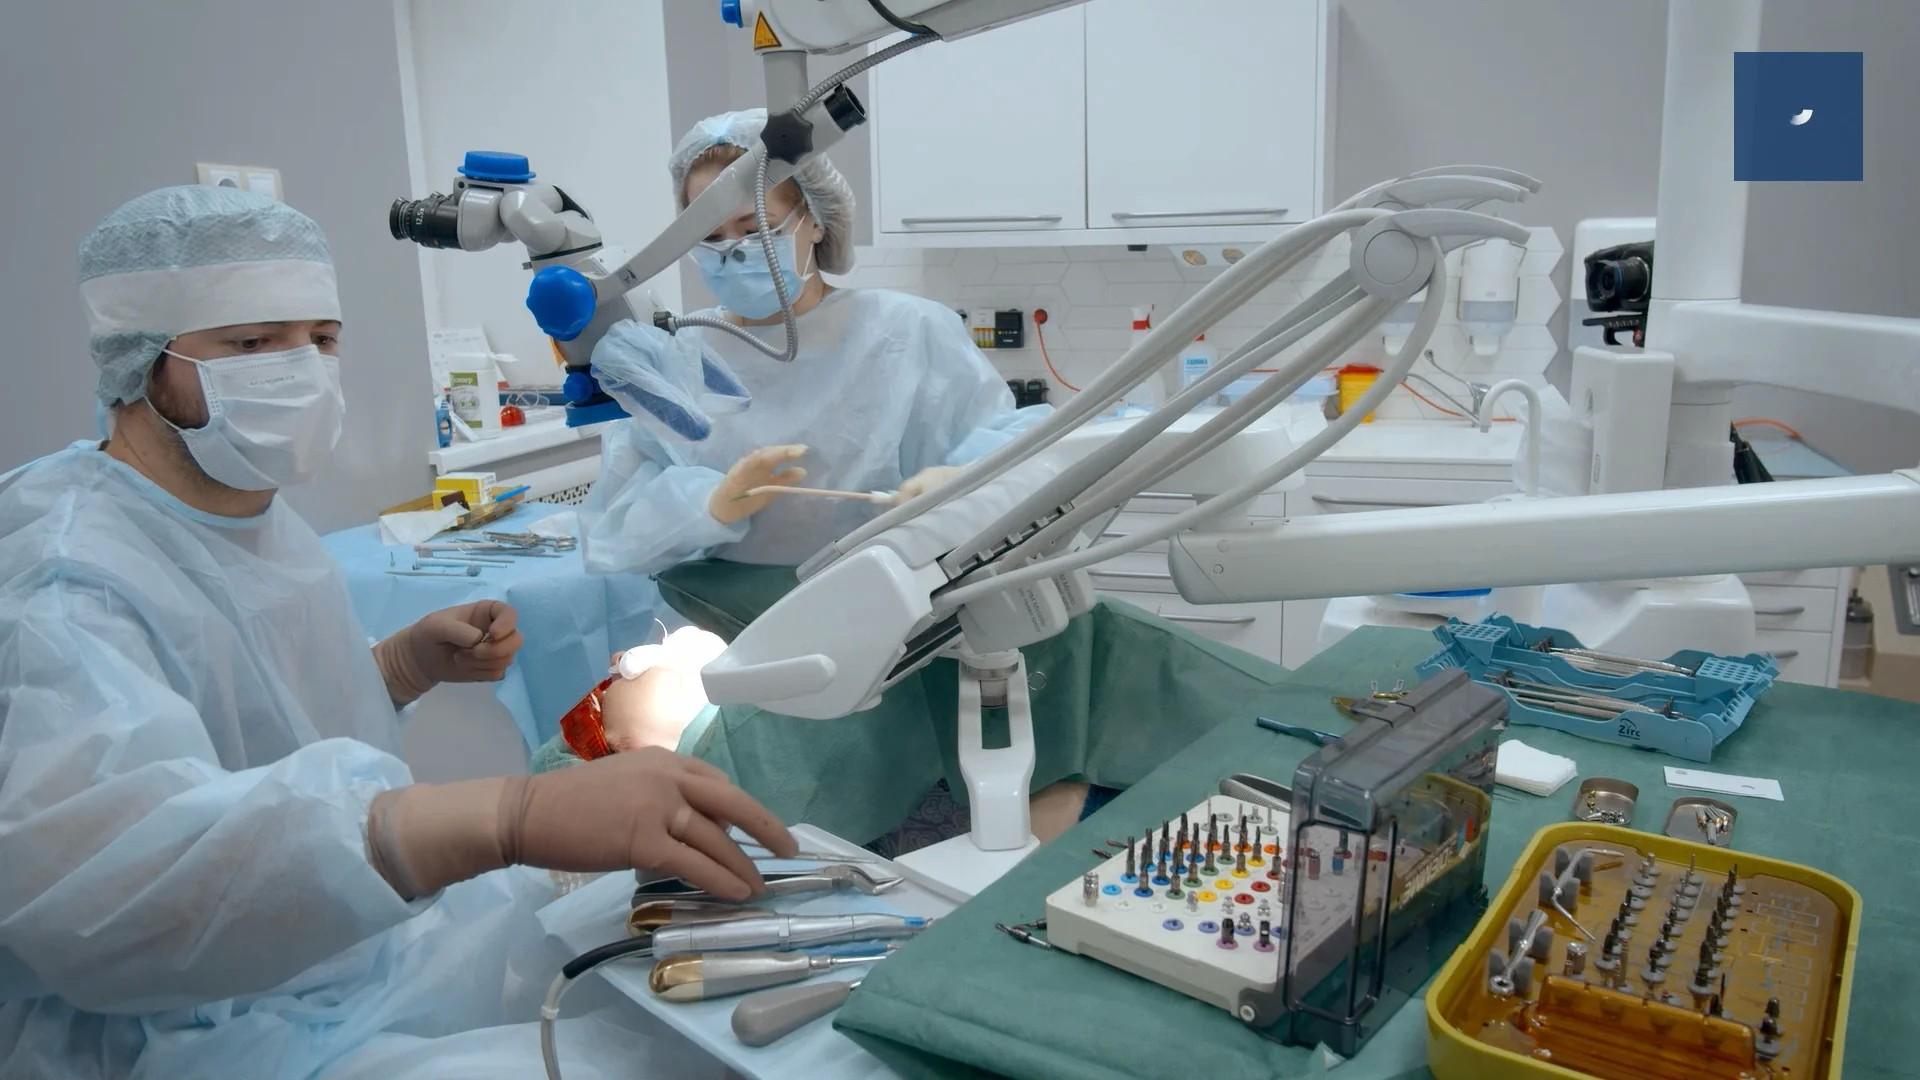 Сериалити для клиники Белая радуга